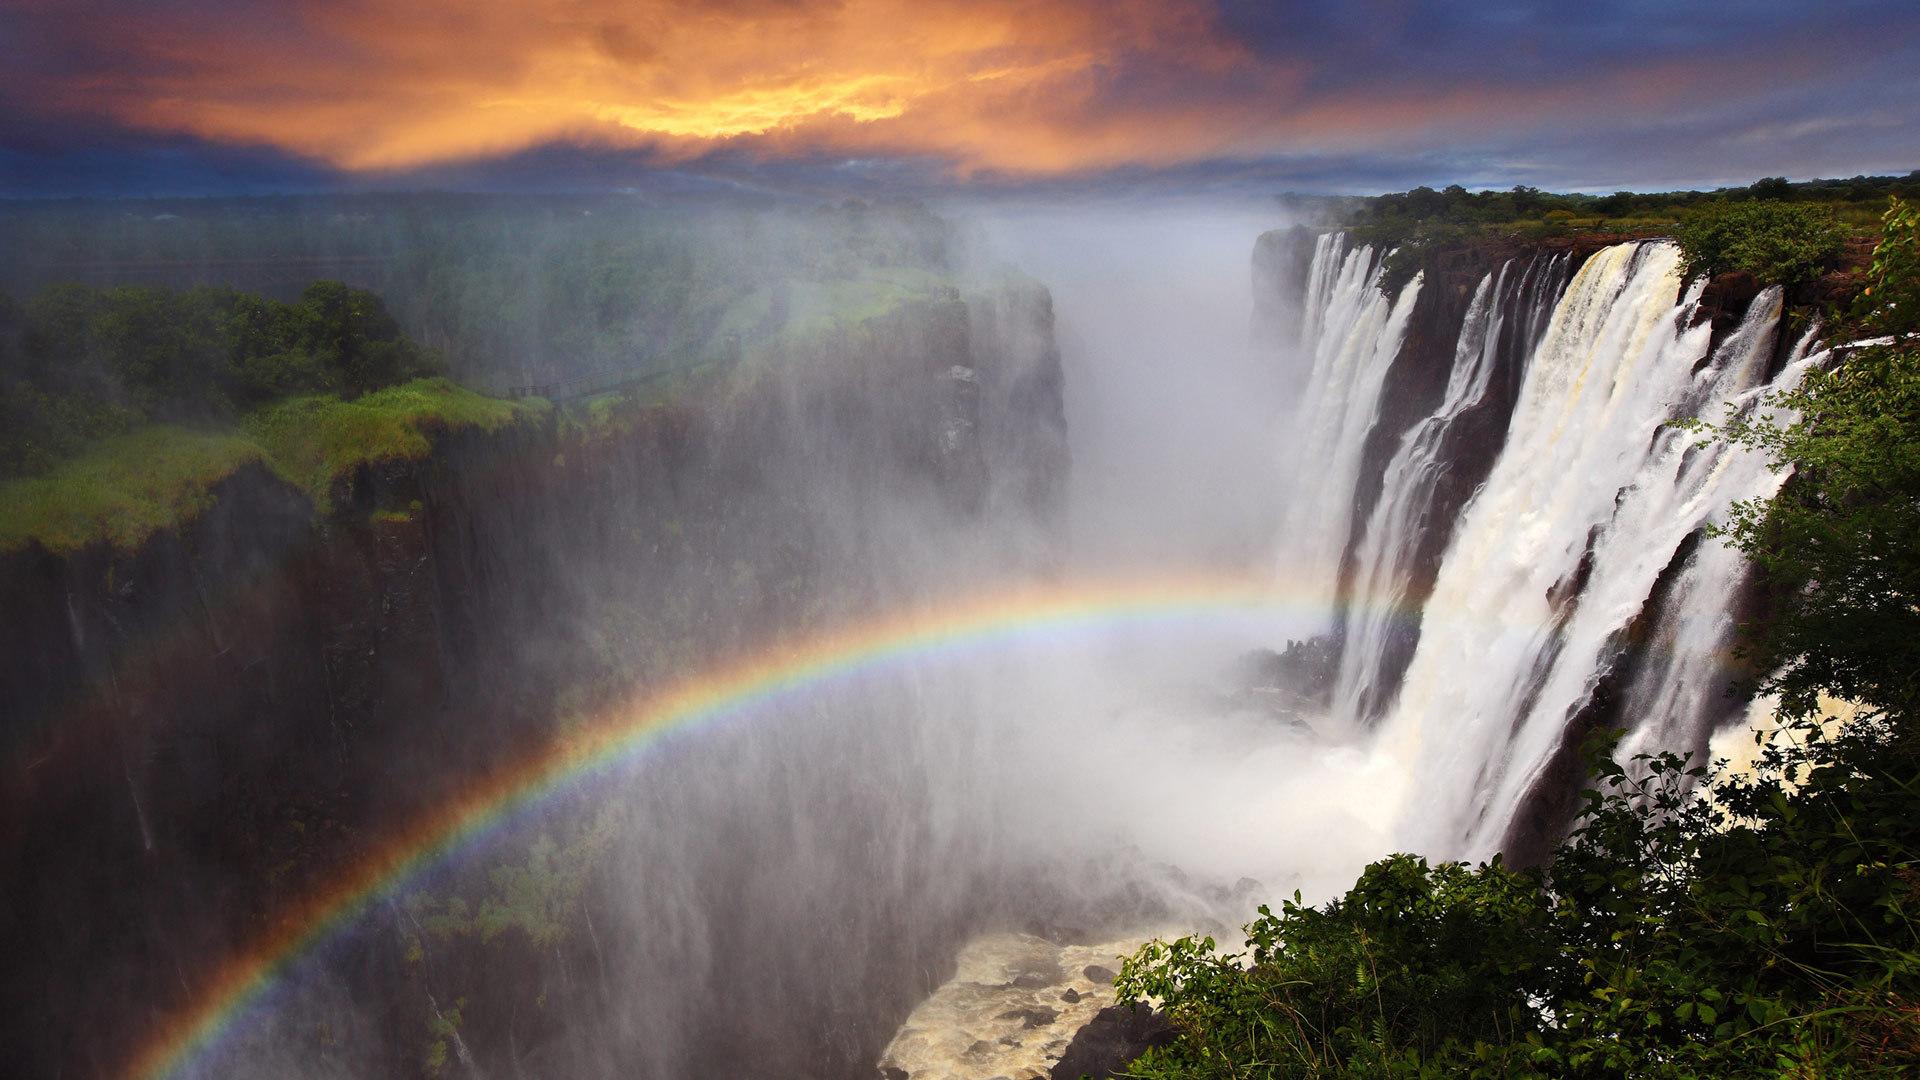 维多利亚瀑布上的彩虹维多利亚瀑布